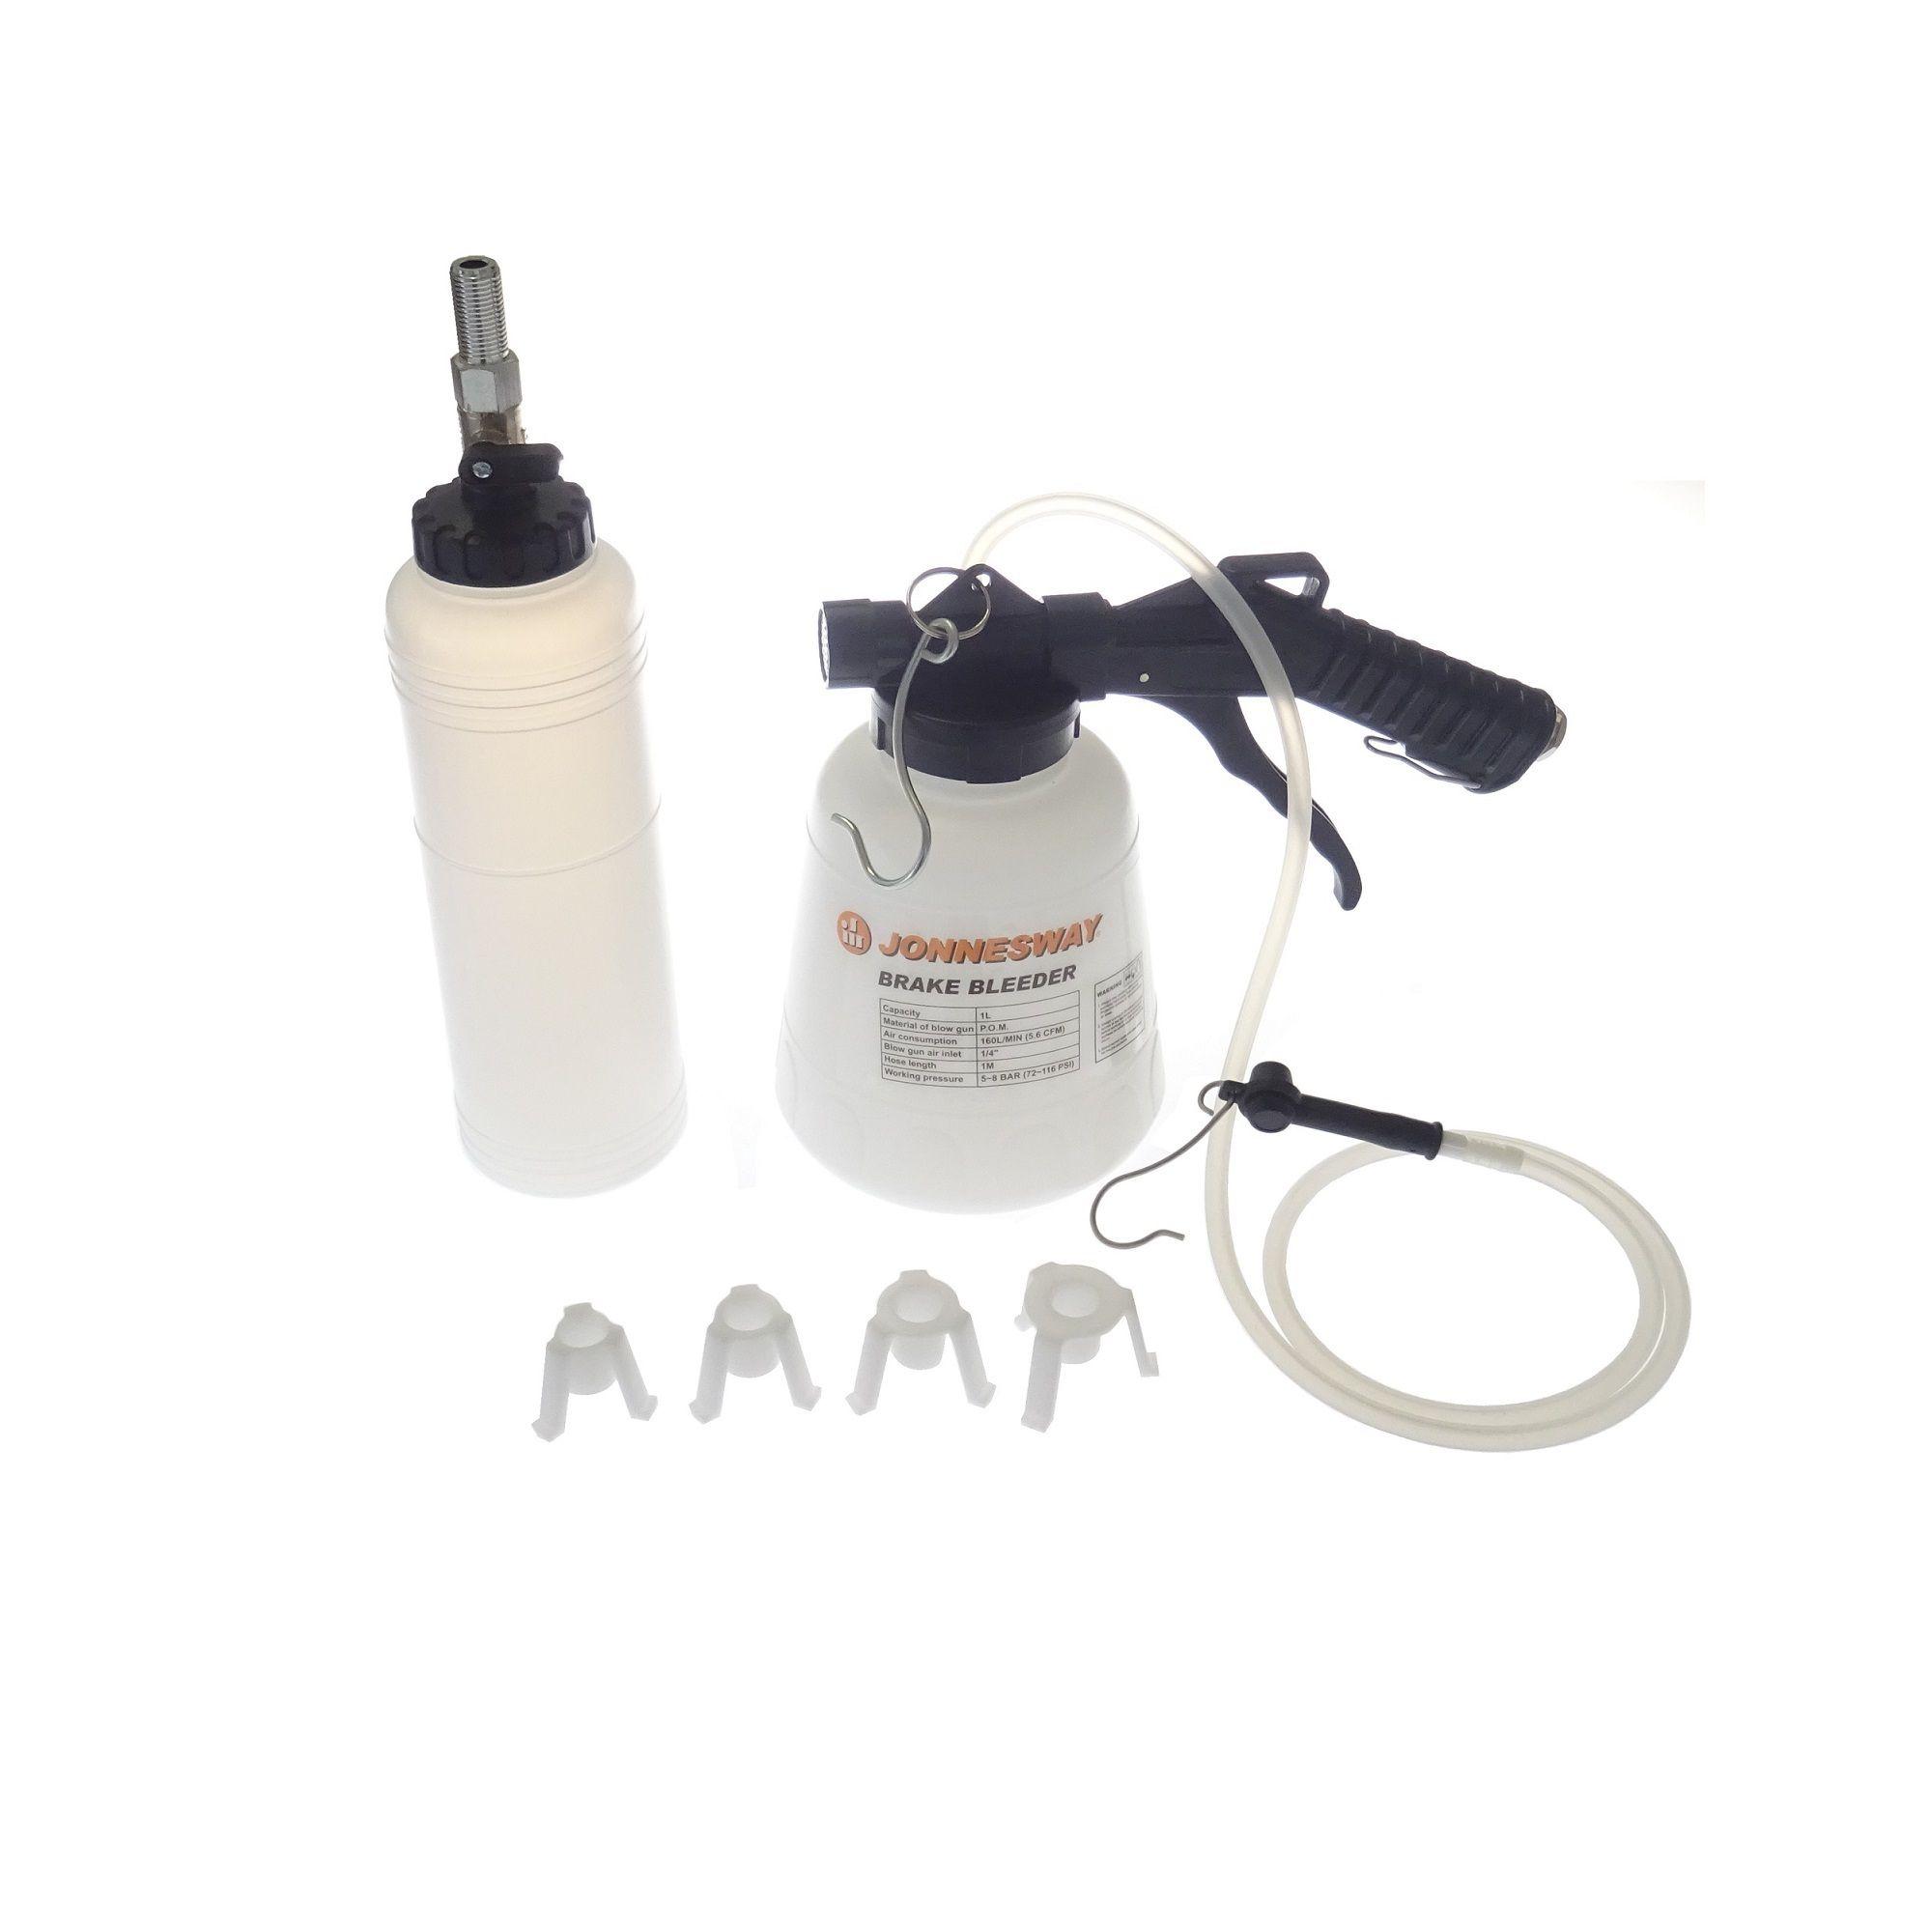 Přístroj na výměnu brzdové kapaliny a odvzdušnění brzd 0,75 l + láhev - JONNESWAY AE300214